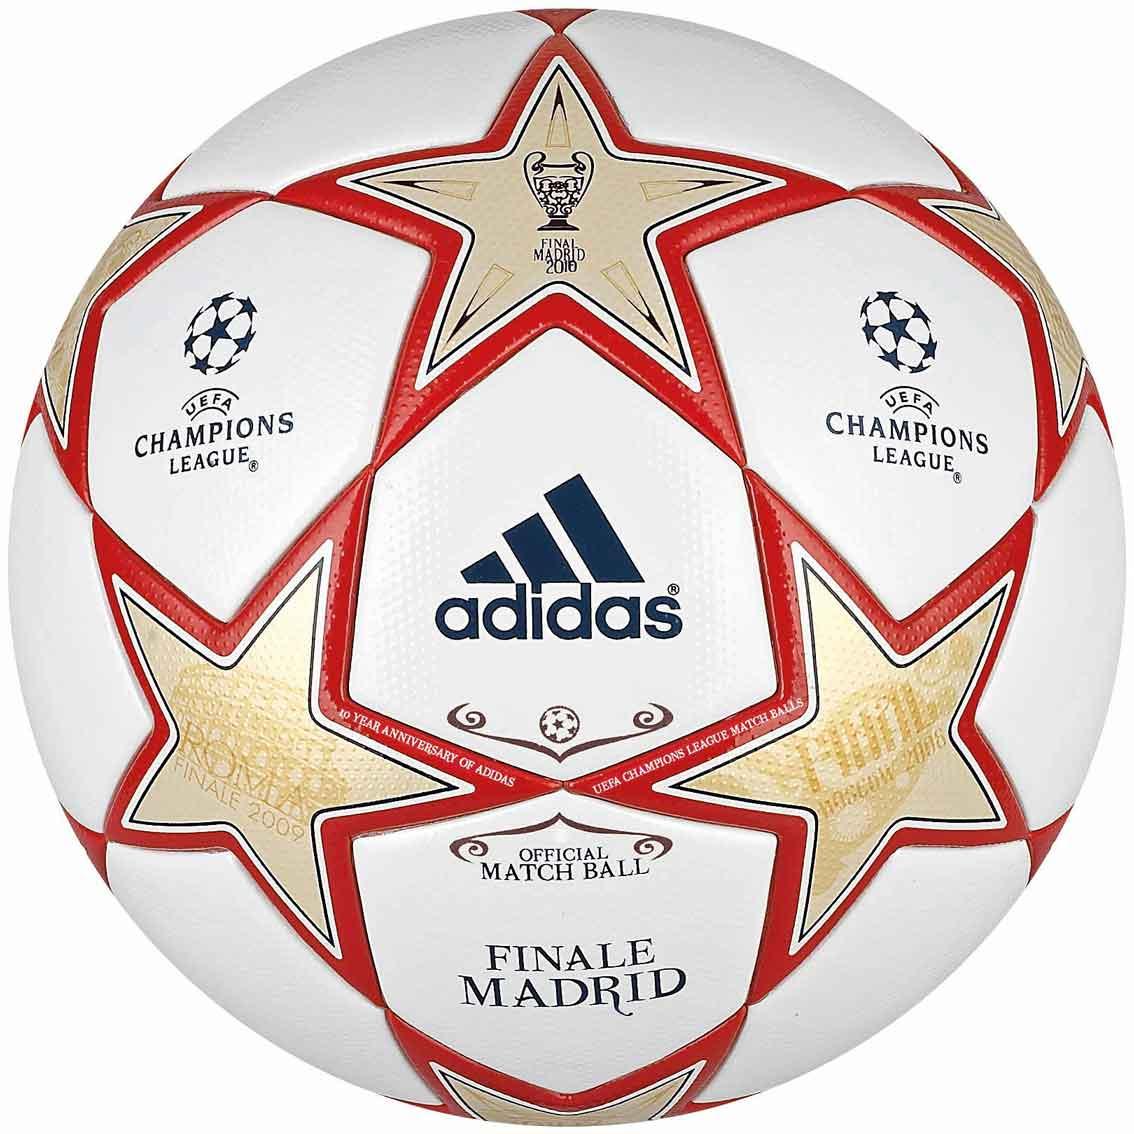 мяч финала лиги чемпионов 2010 - finale madrid